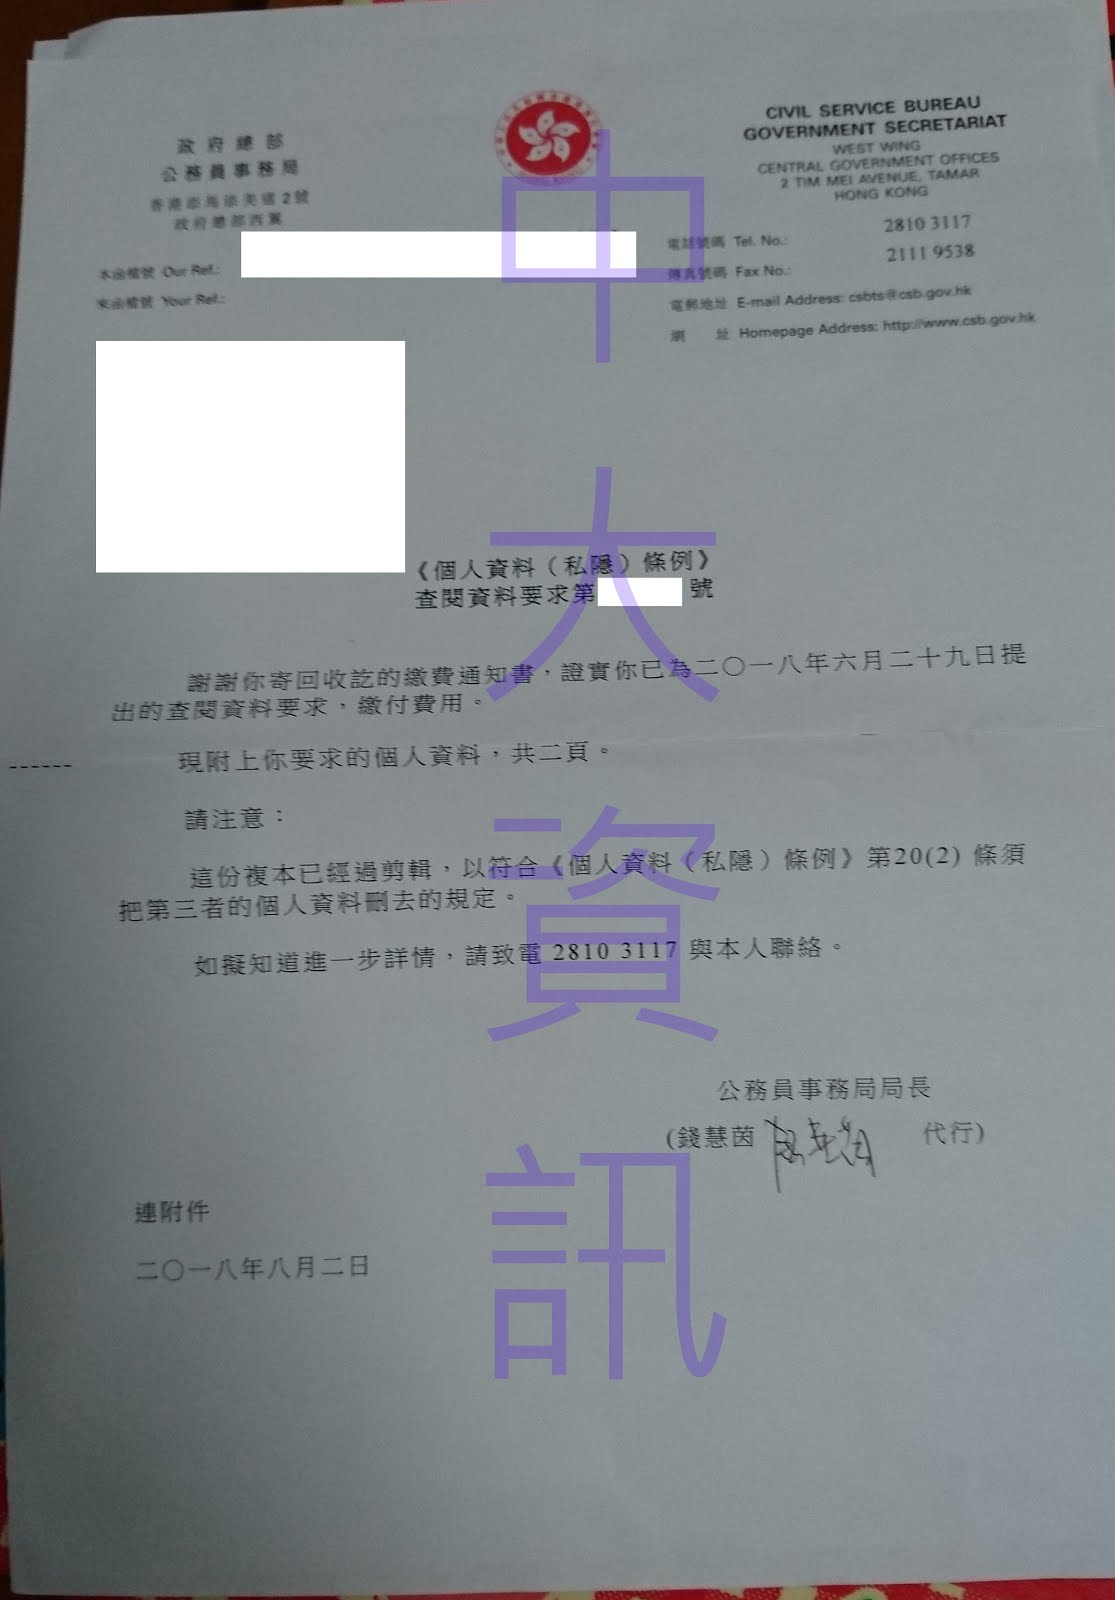 中大資訊: 【政府工】索取個人資料